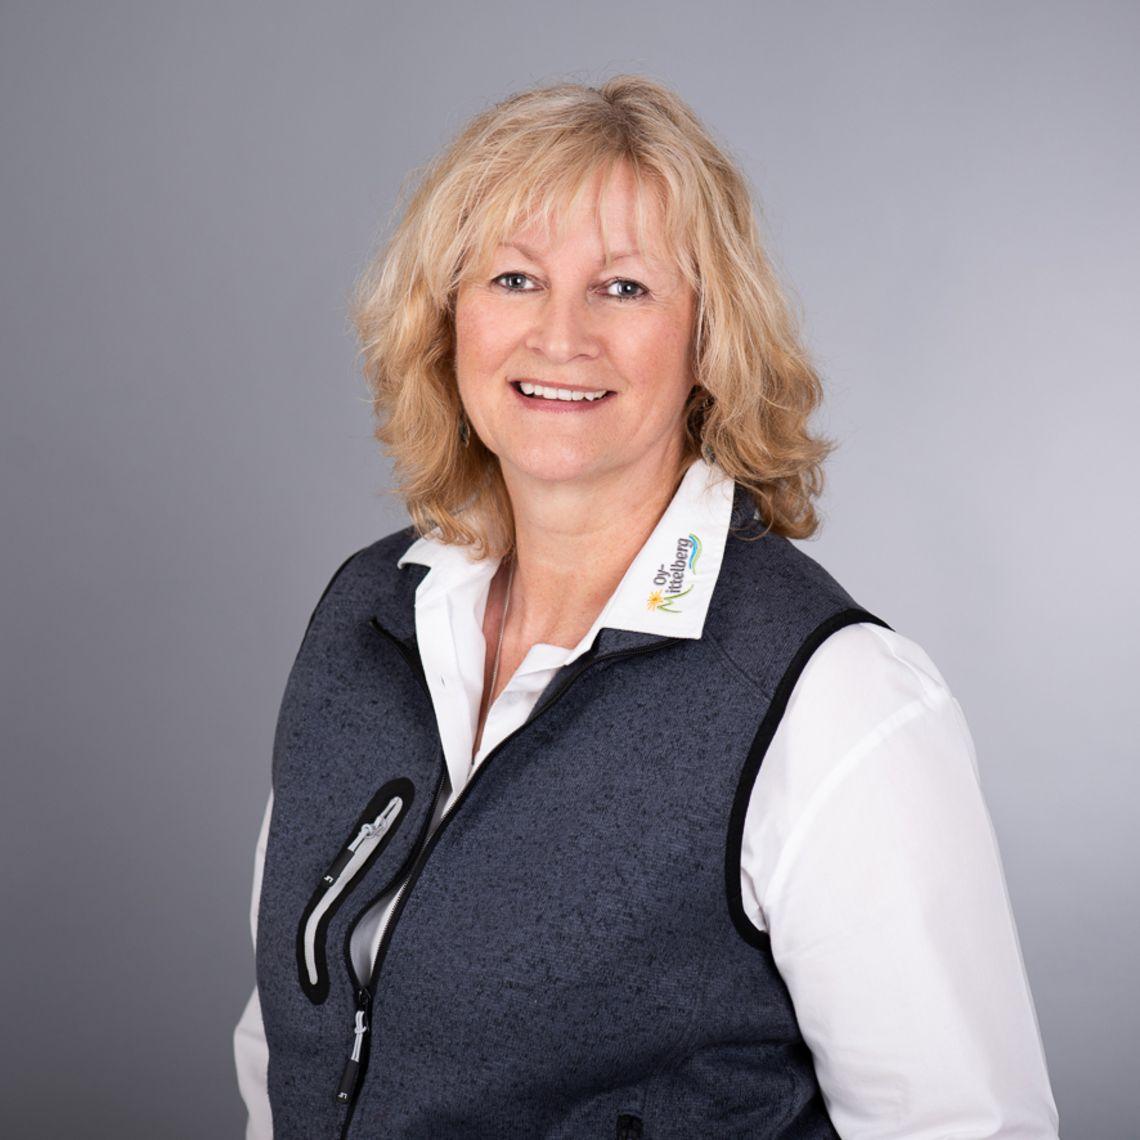 Anita Paul  - © Gemeinde Oy-Mittelberg , Kur- und Tourismusbüro Oy-Mittelberg